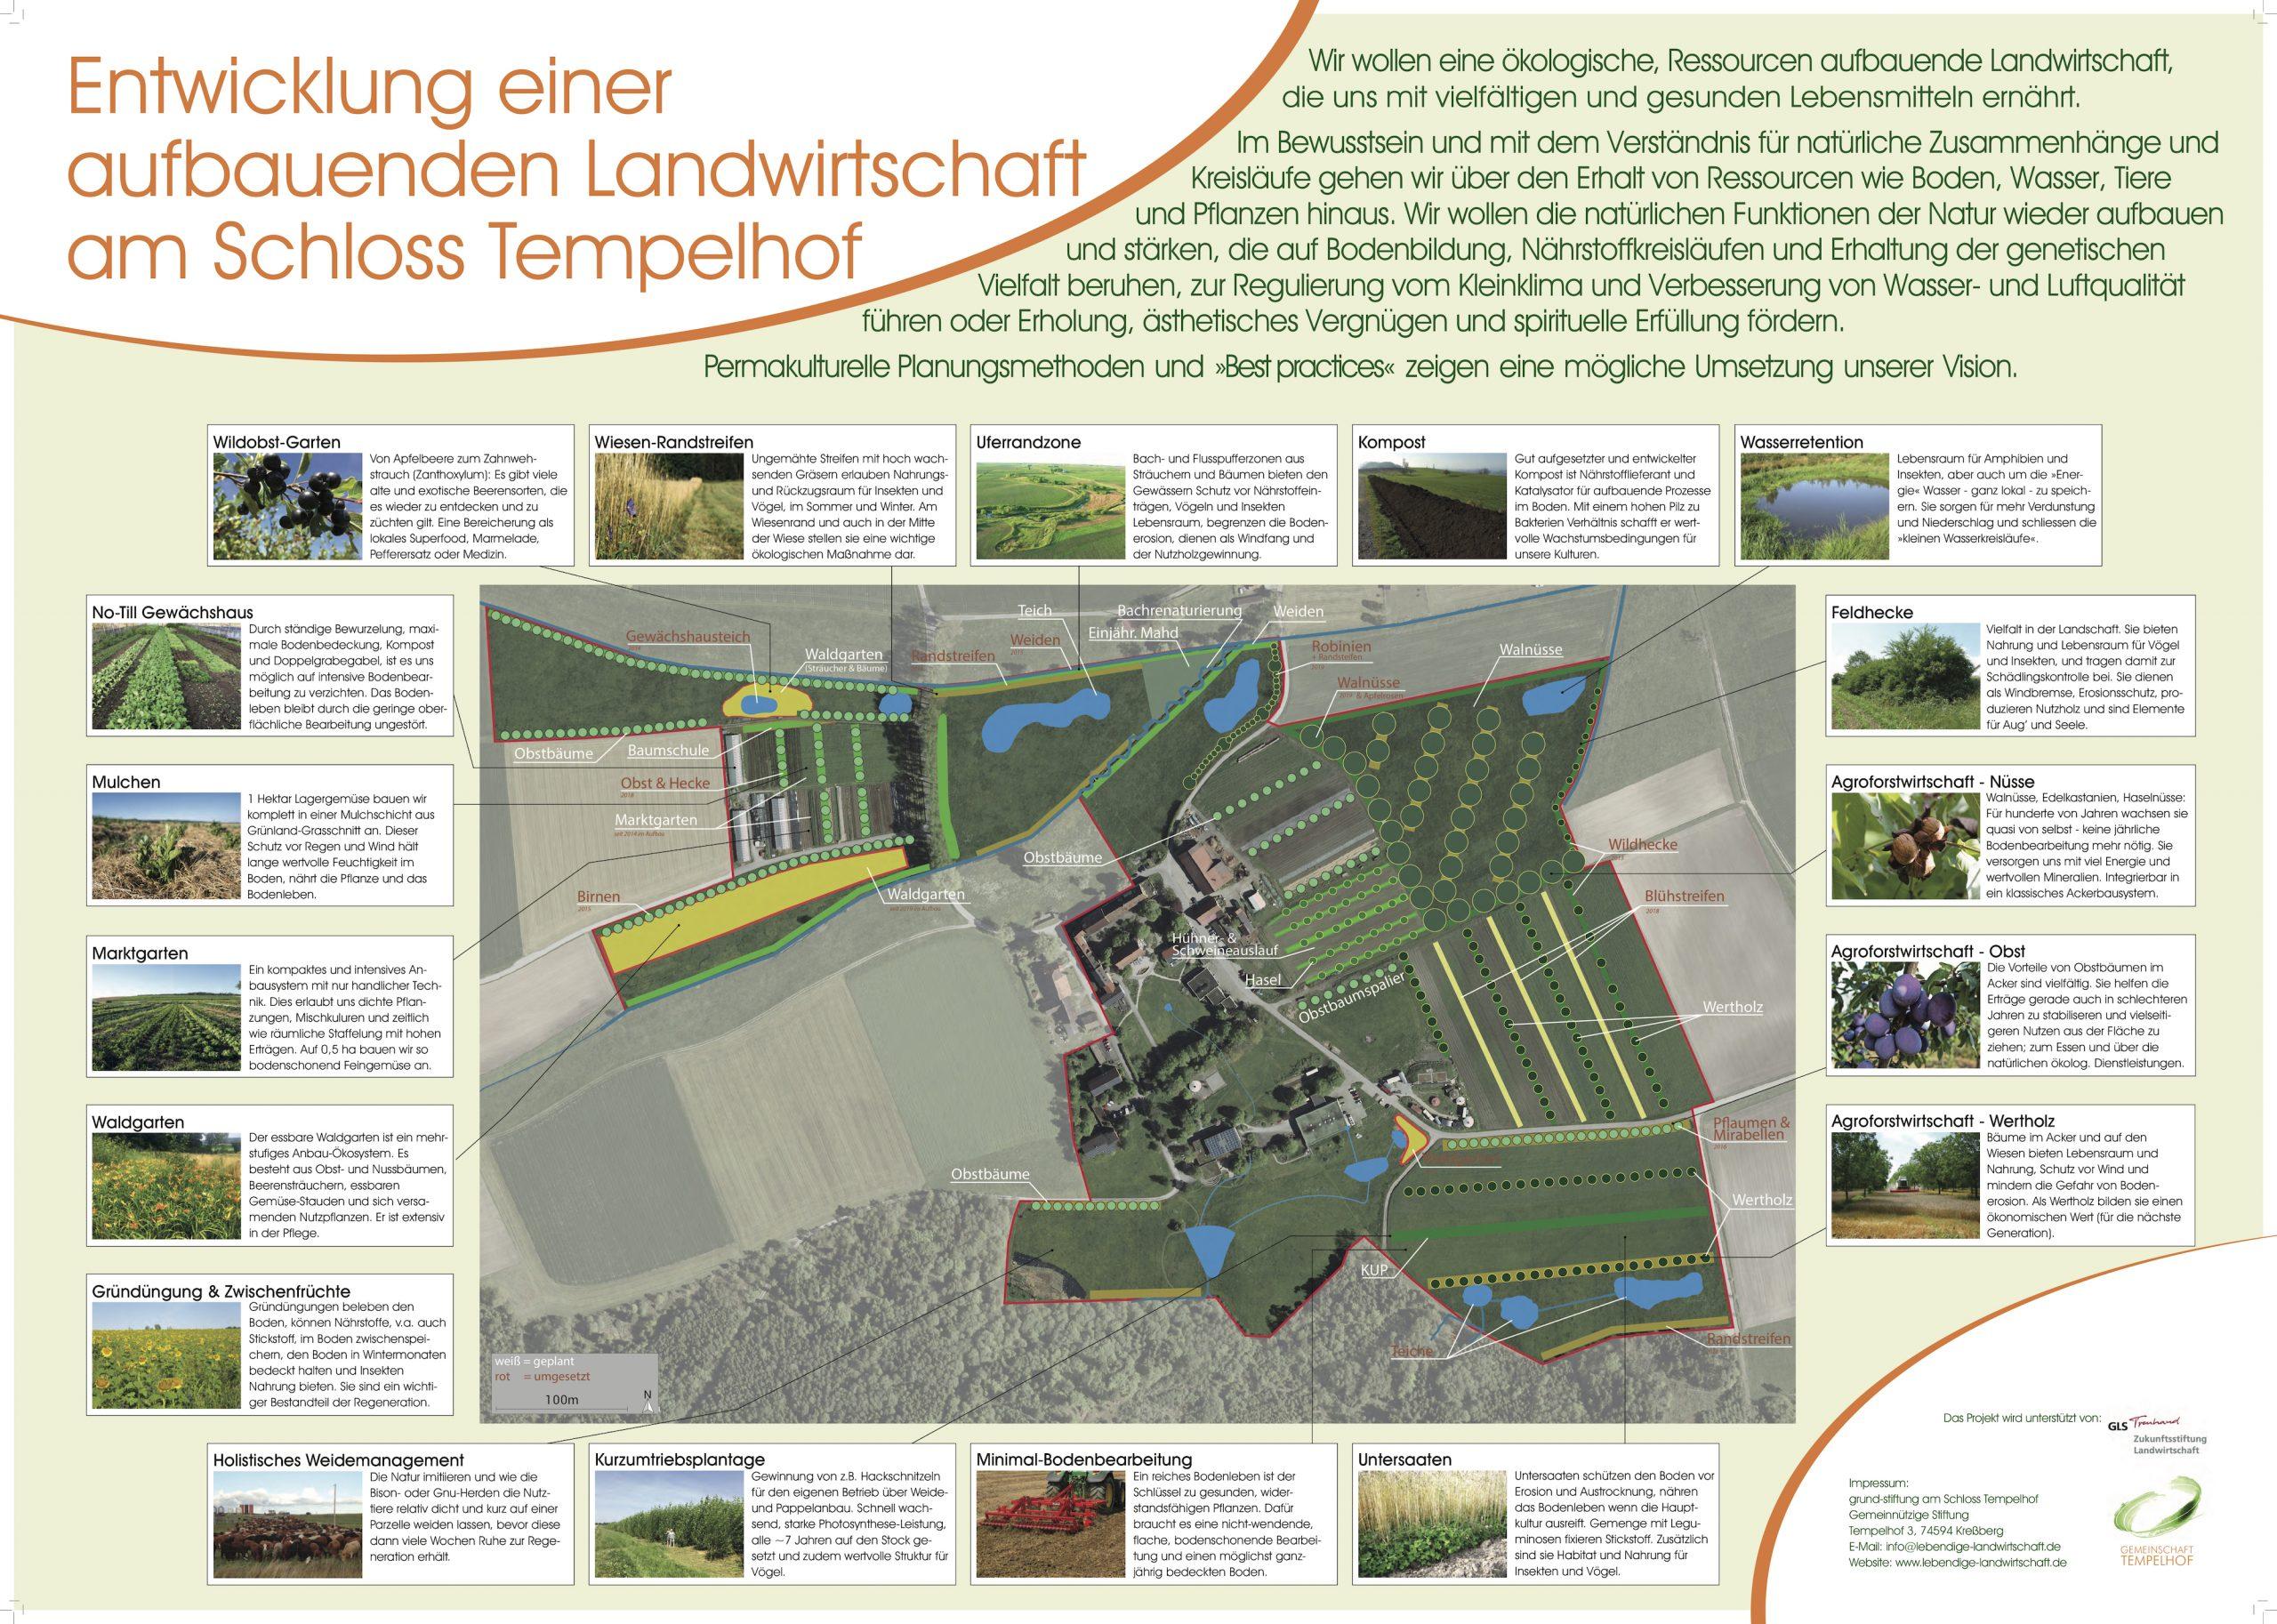 Elemente einer aufbauende Landwirtschaft am Schloss Tempelhof